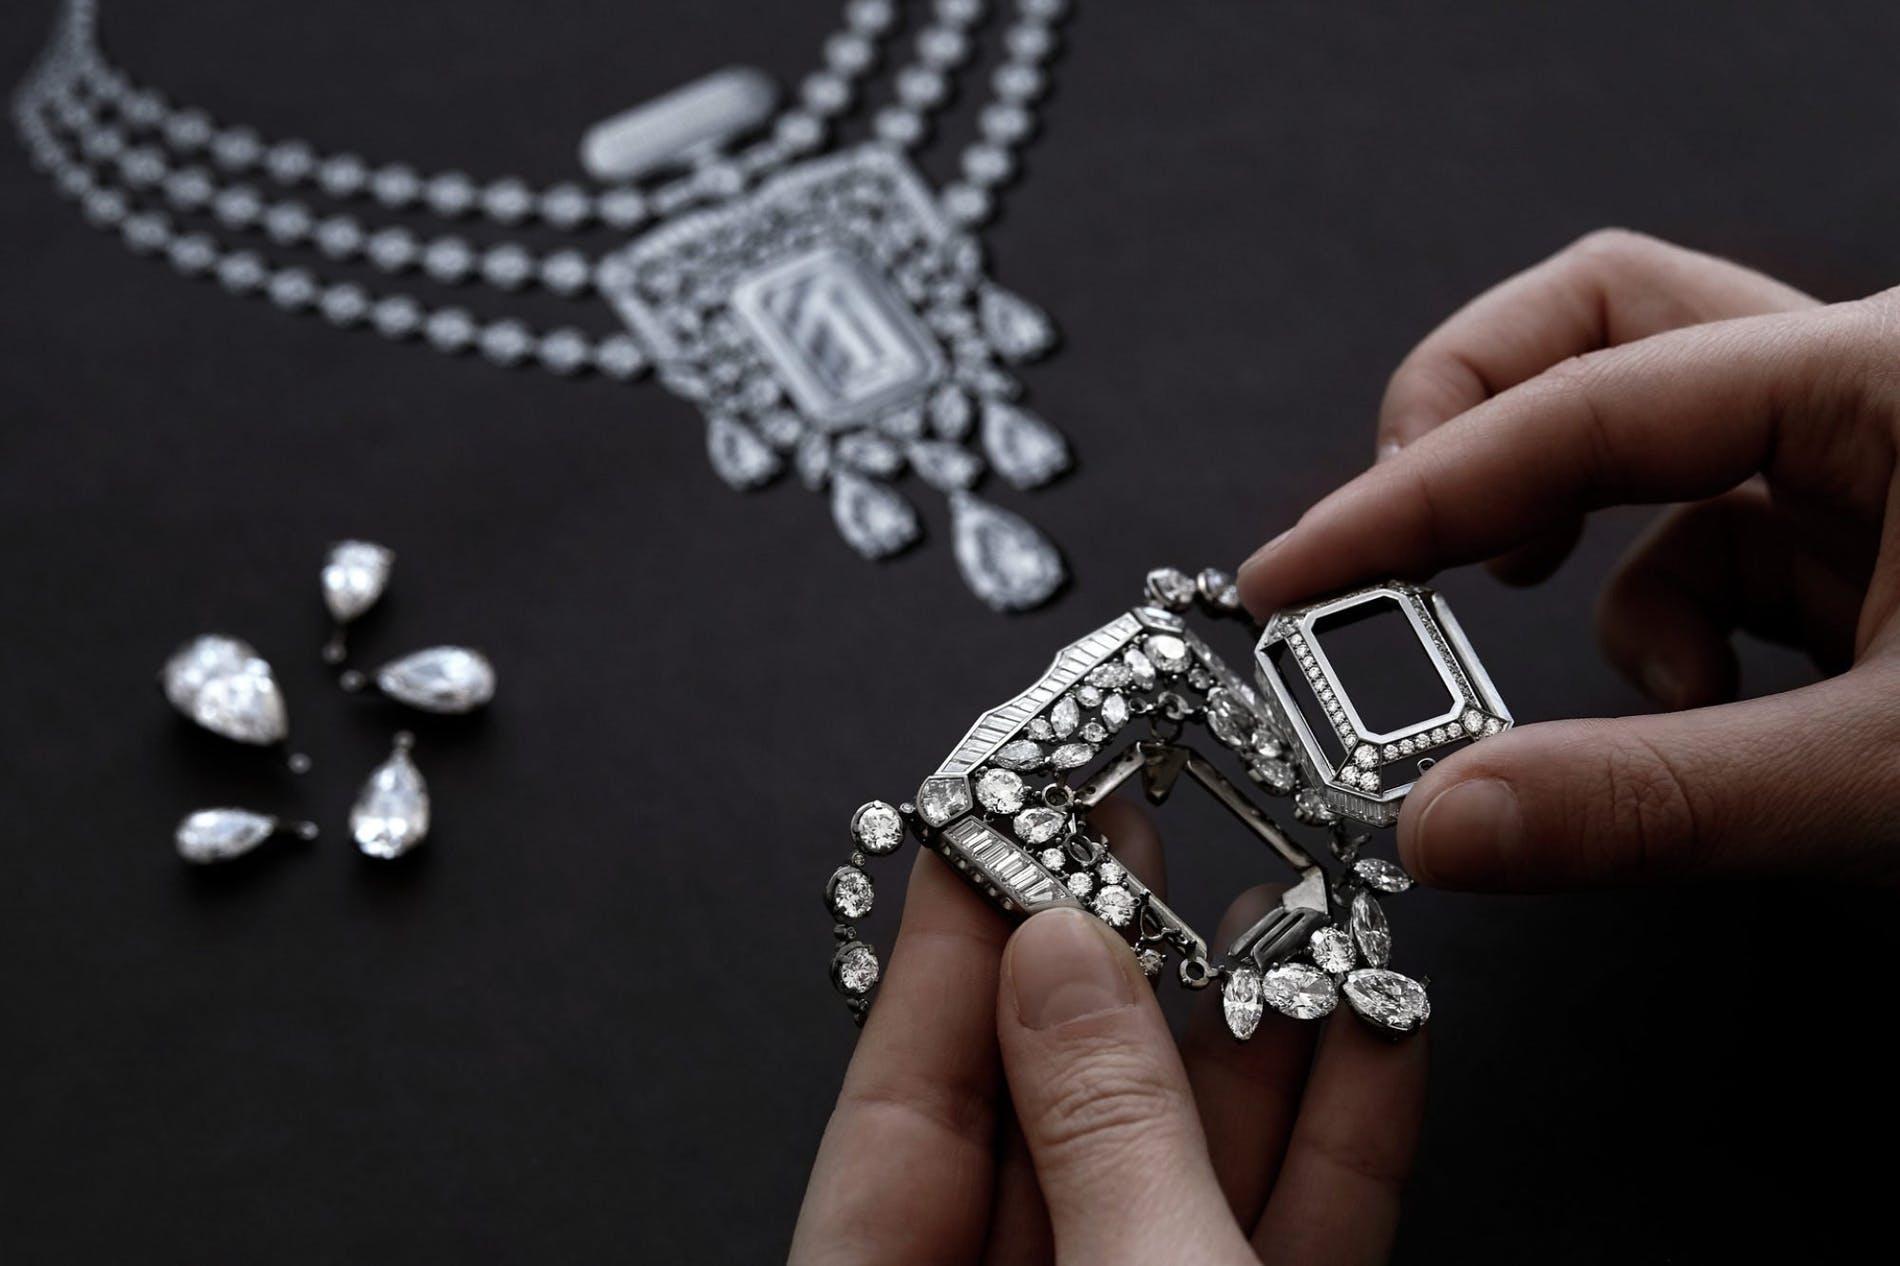 Chanel 55.55 - Sợi dây chuyền kỷ niệm 100 năm biểu tượng-8